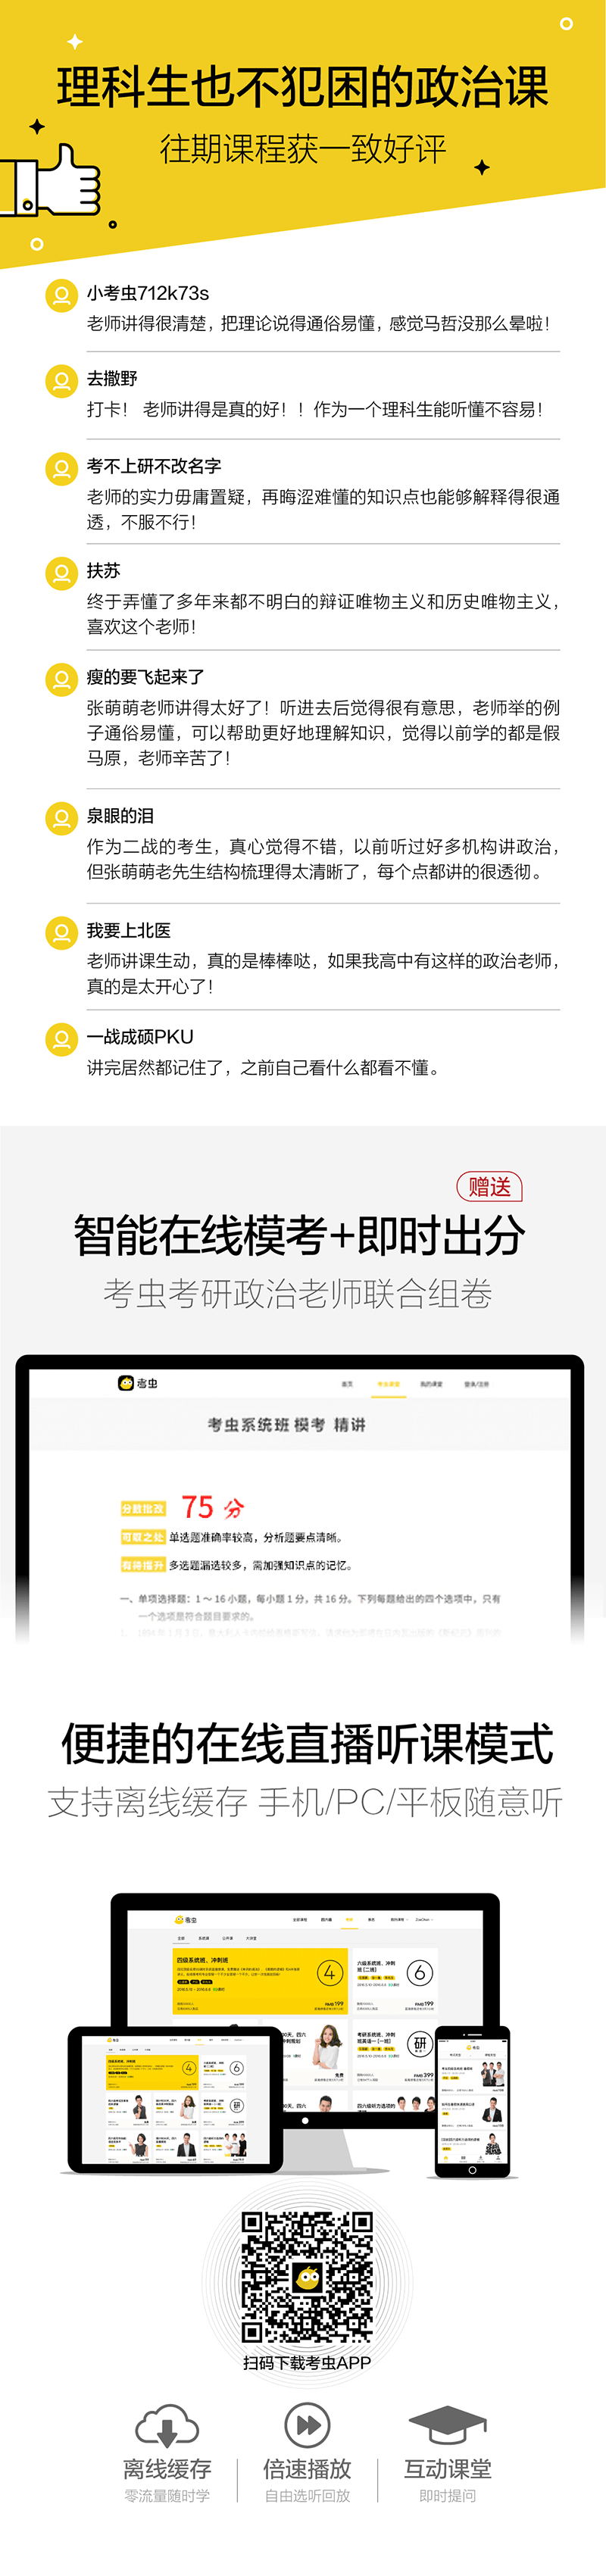 考研18政治新大纲班-03.png